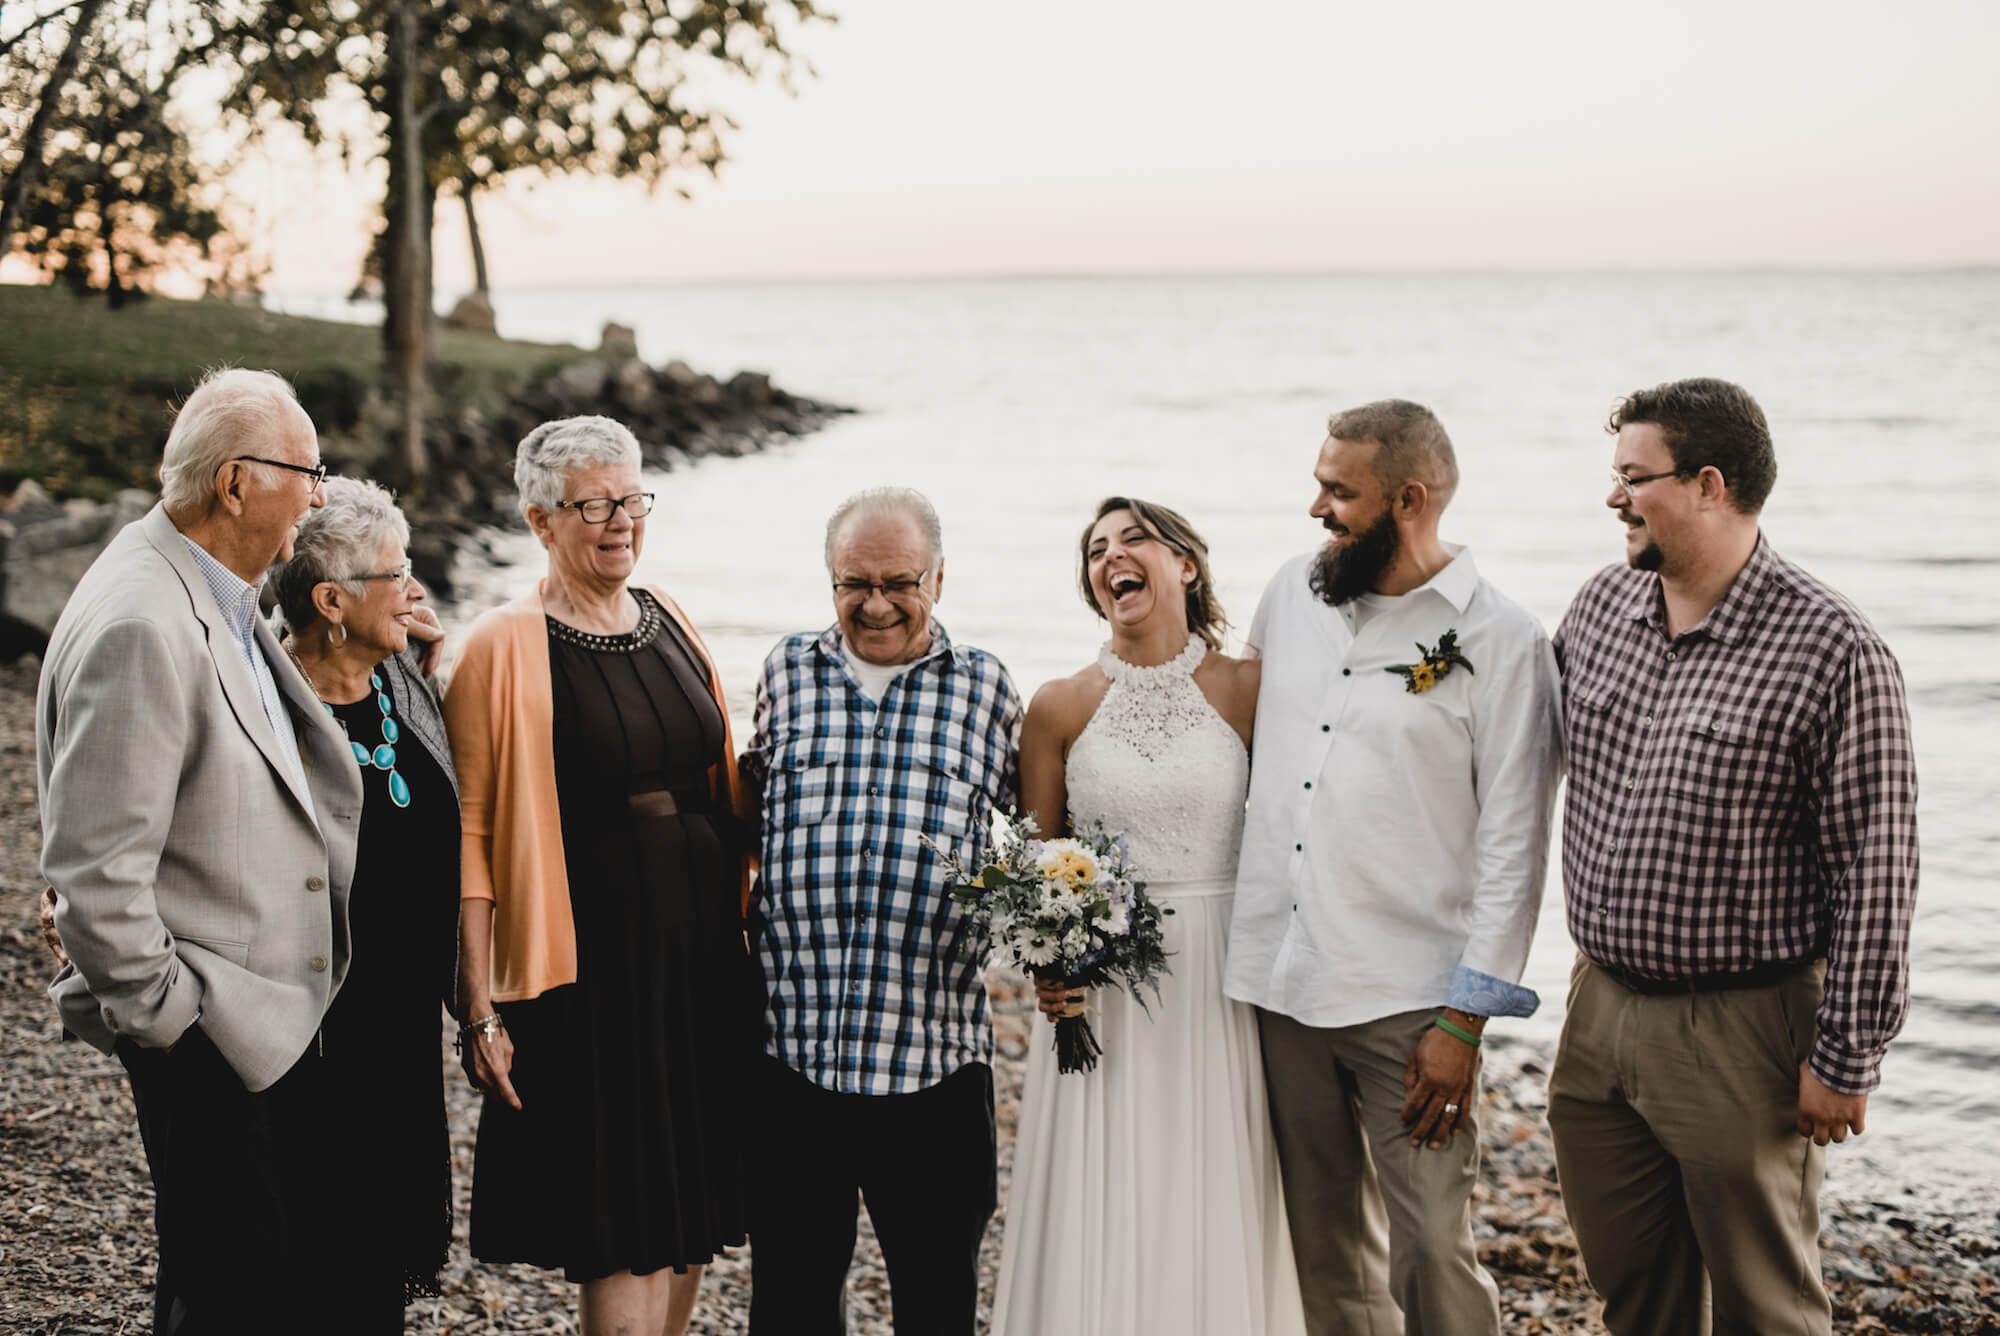 engle-olson-tammy-marc-wedding-55.jpg